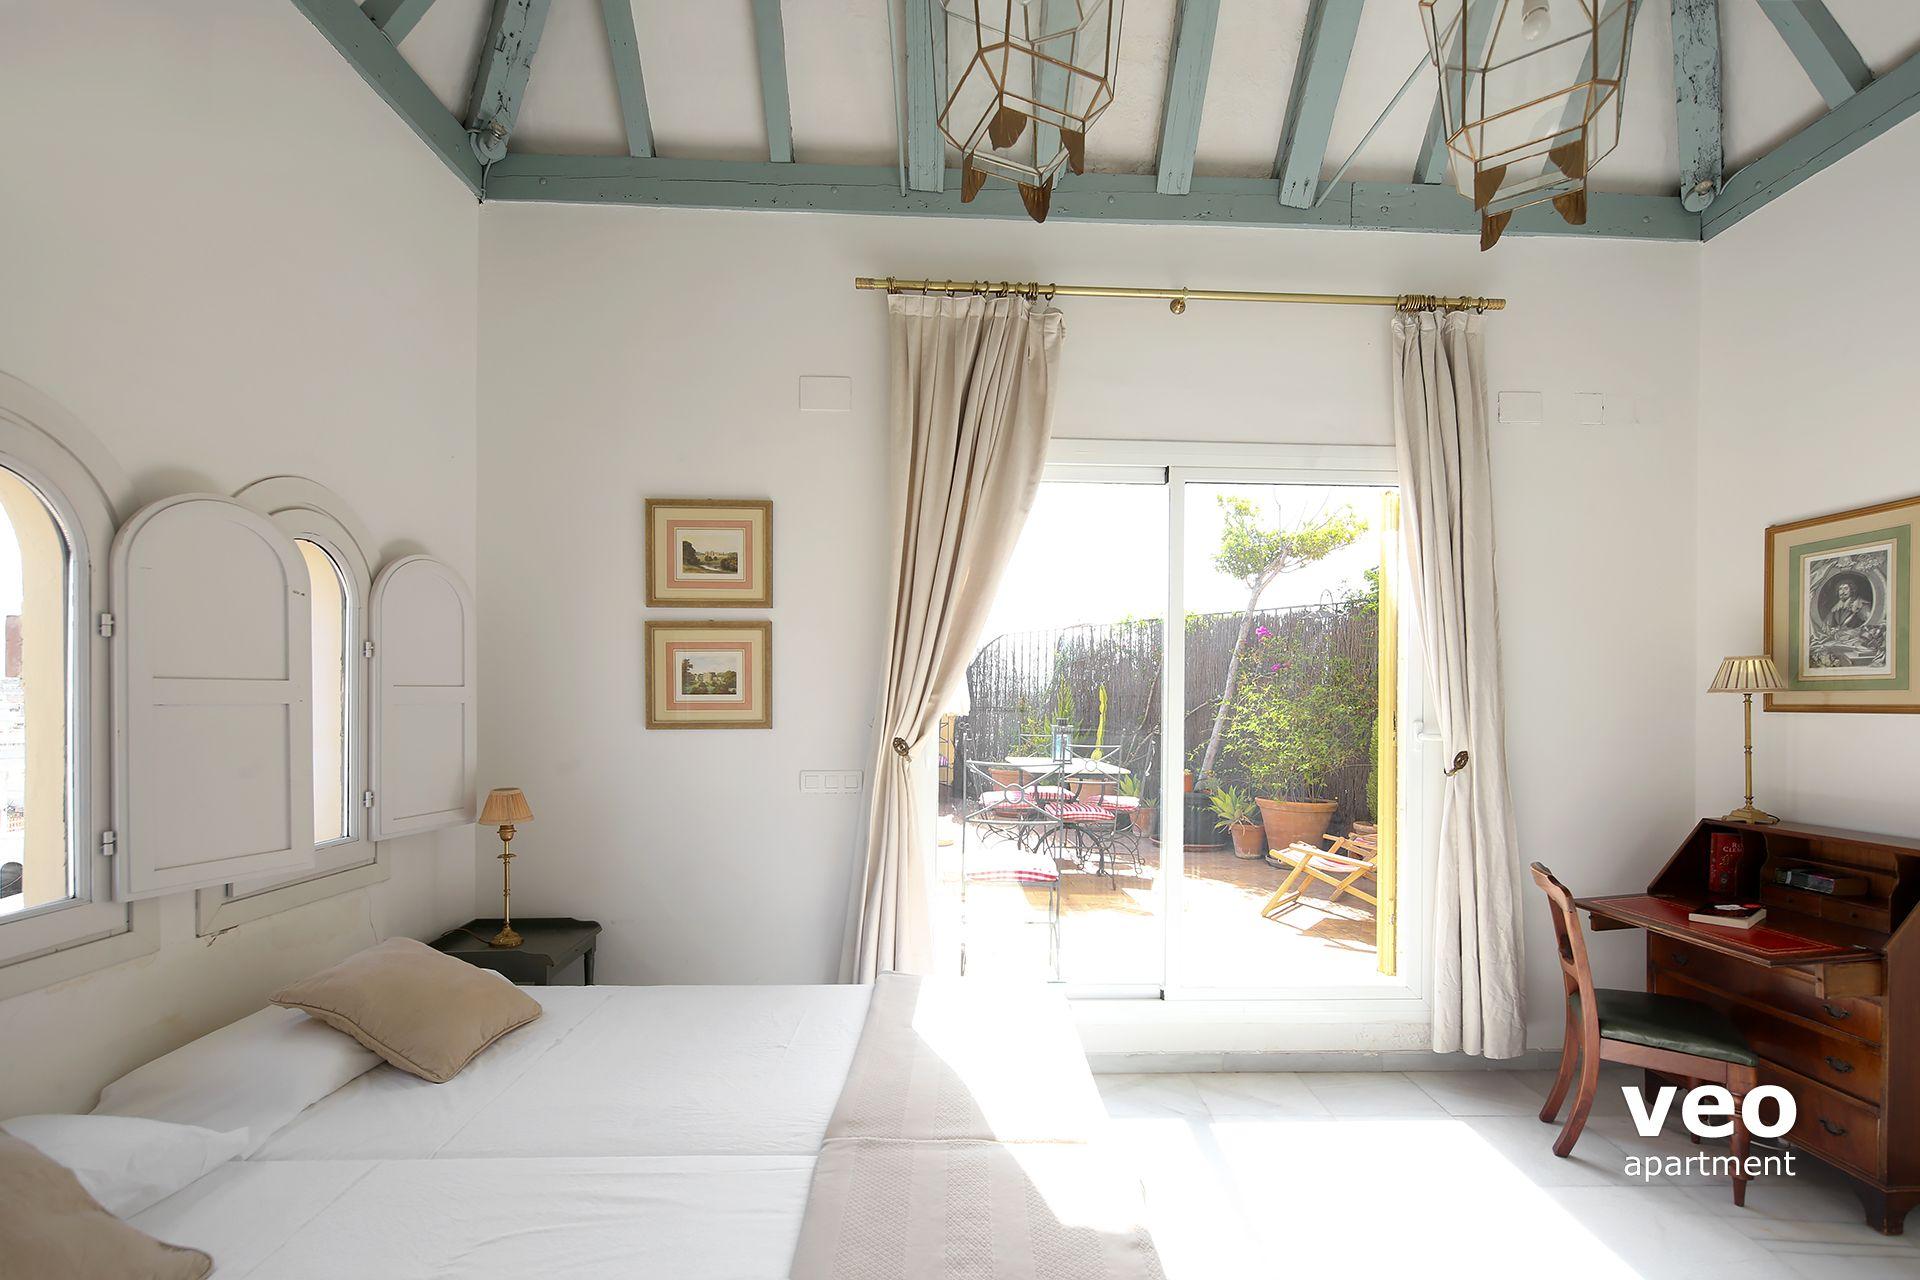 Seville Bedroom Furniture Seville Apartment Cruz Verde Street Seville Spain Macarena